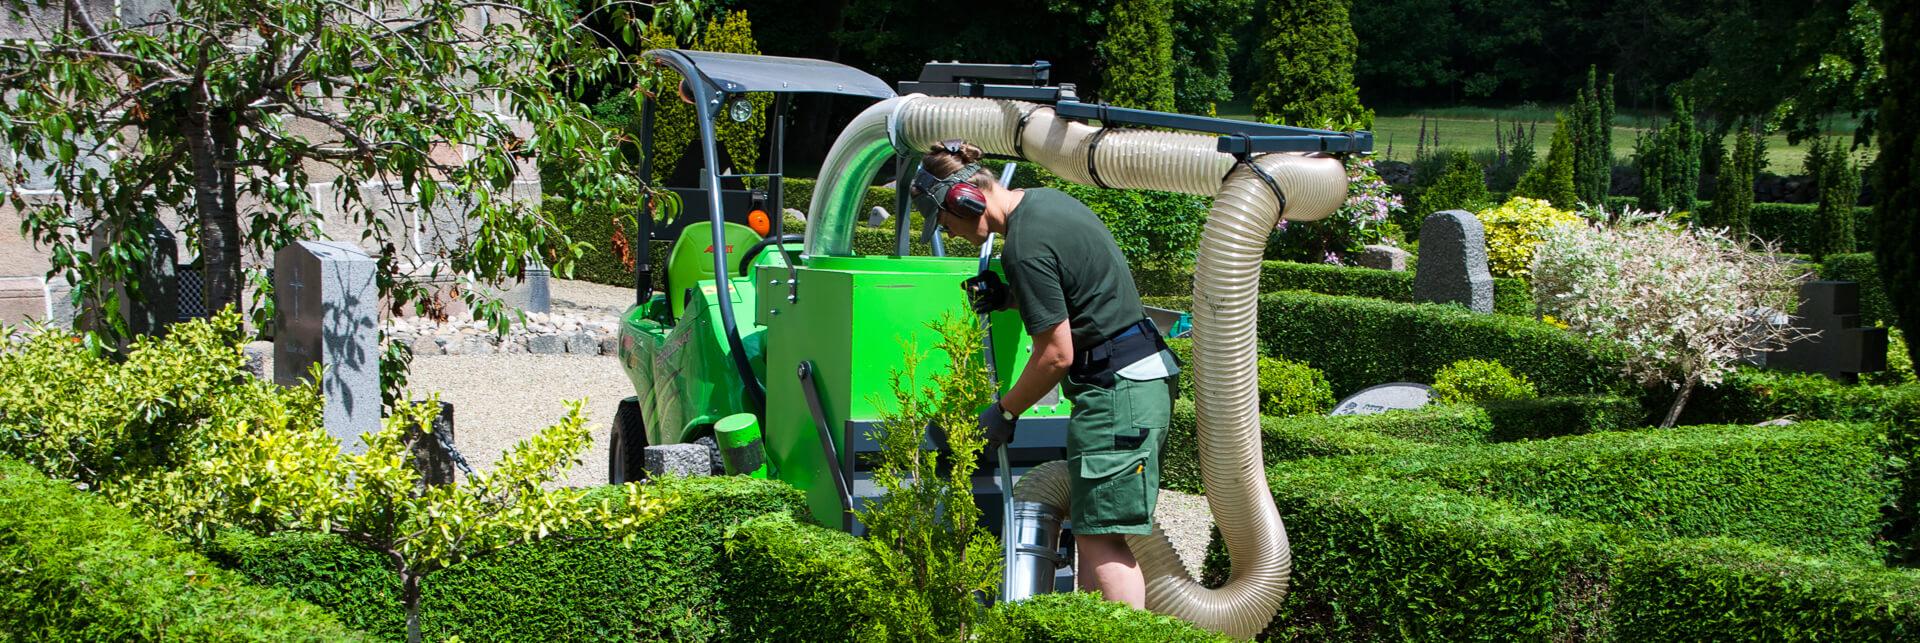 Arbejdsbillede af løvsuger TFTL til avant minilæsser på kirkegård